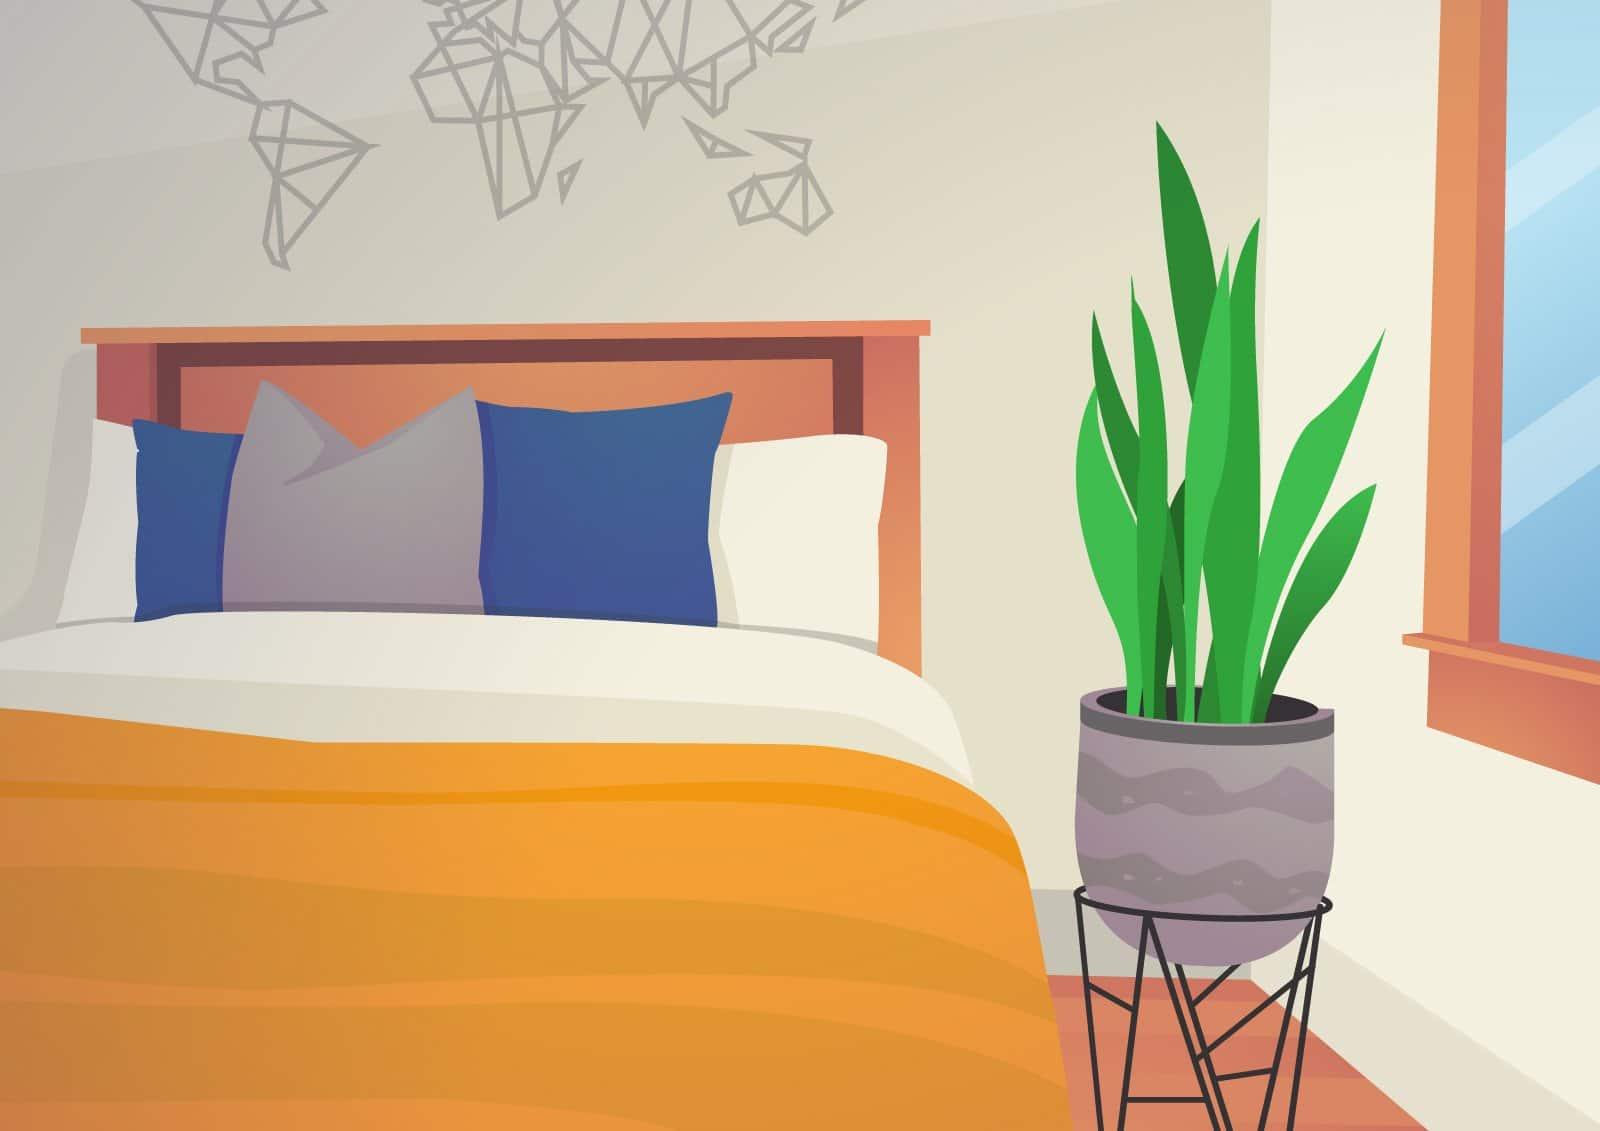 Pflanzen Im Schlafzimmer Fordernd Oder Schadlich